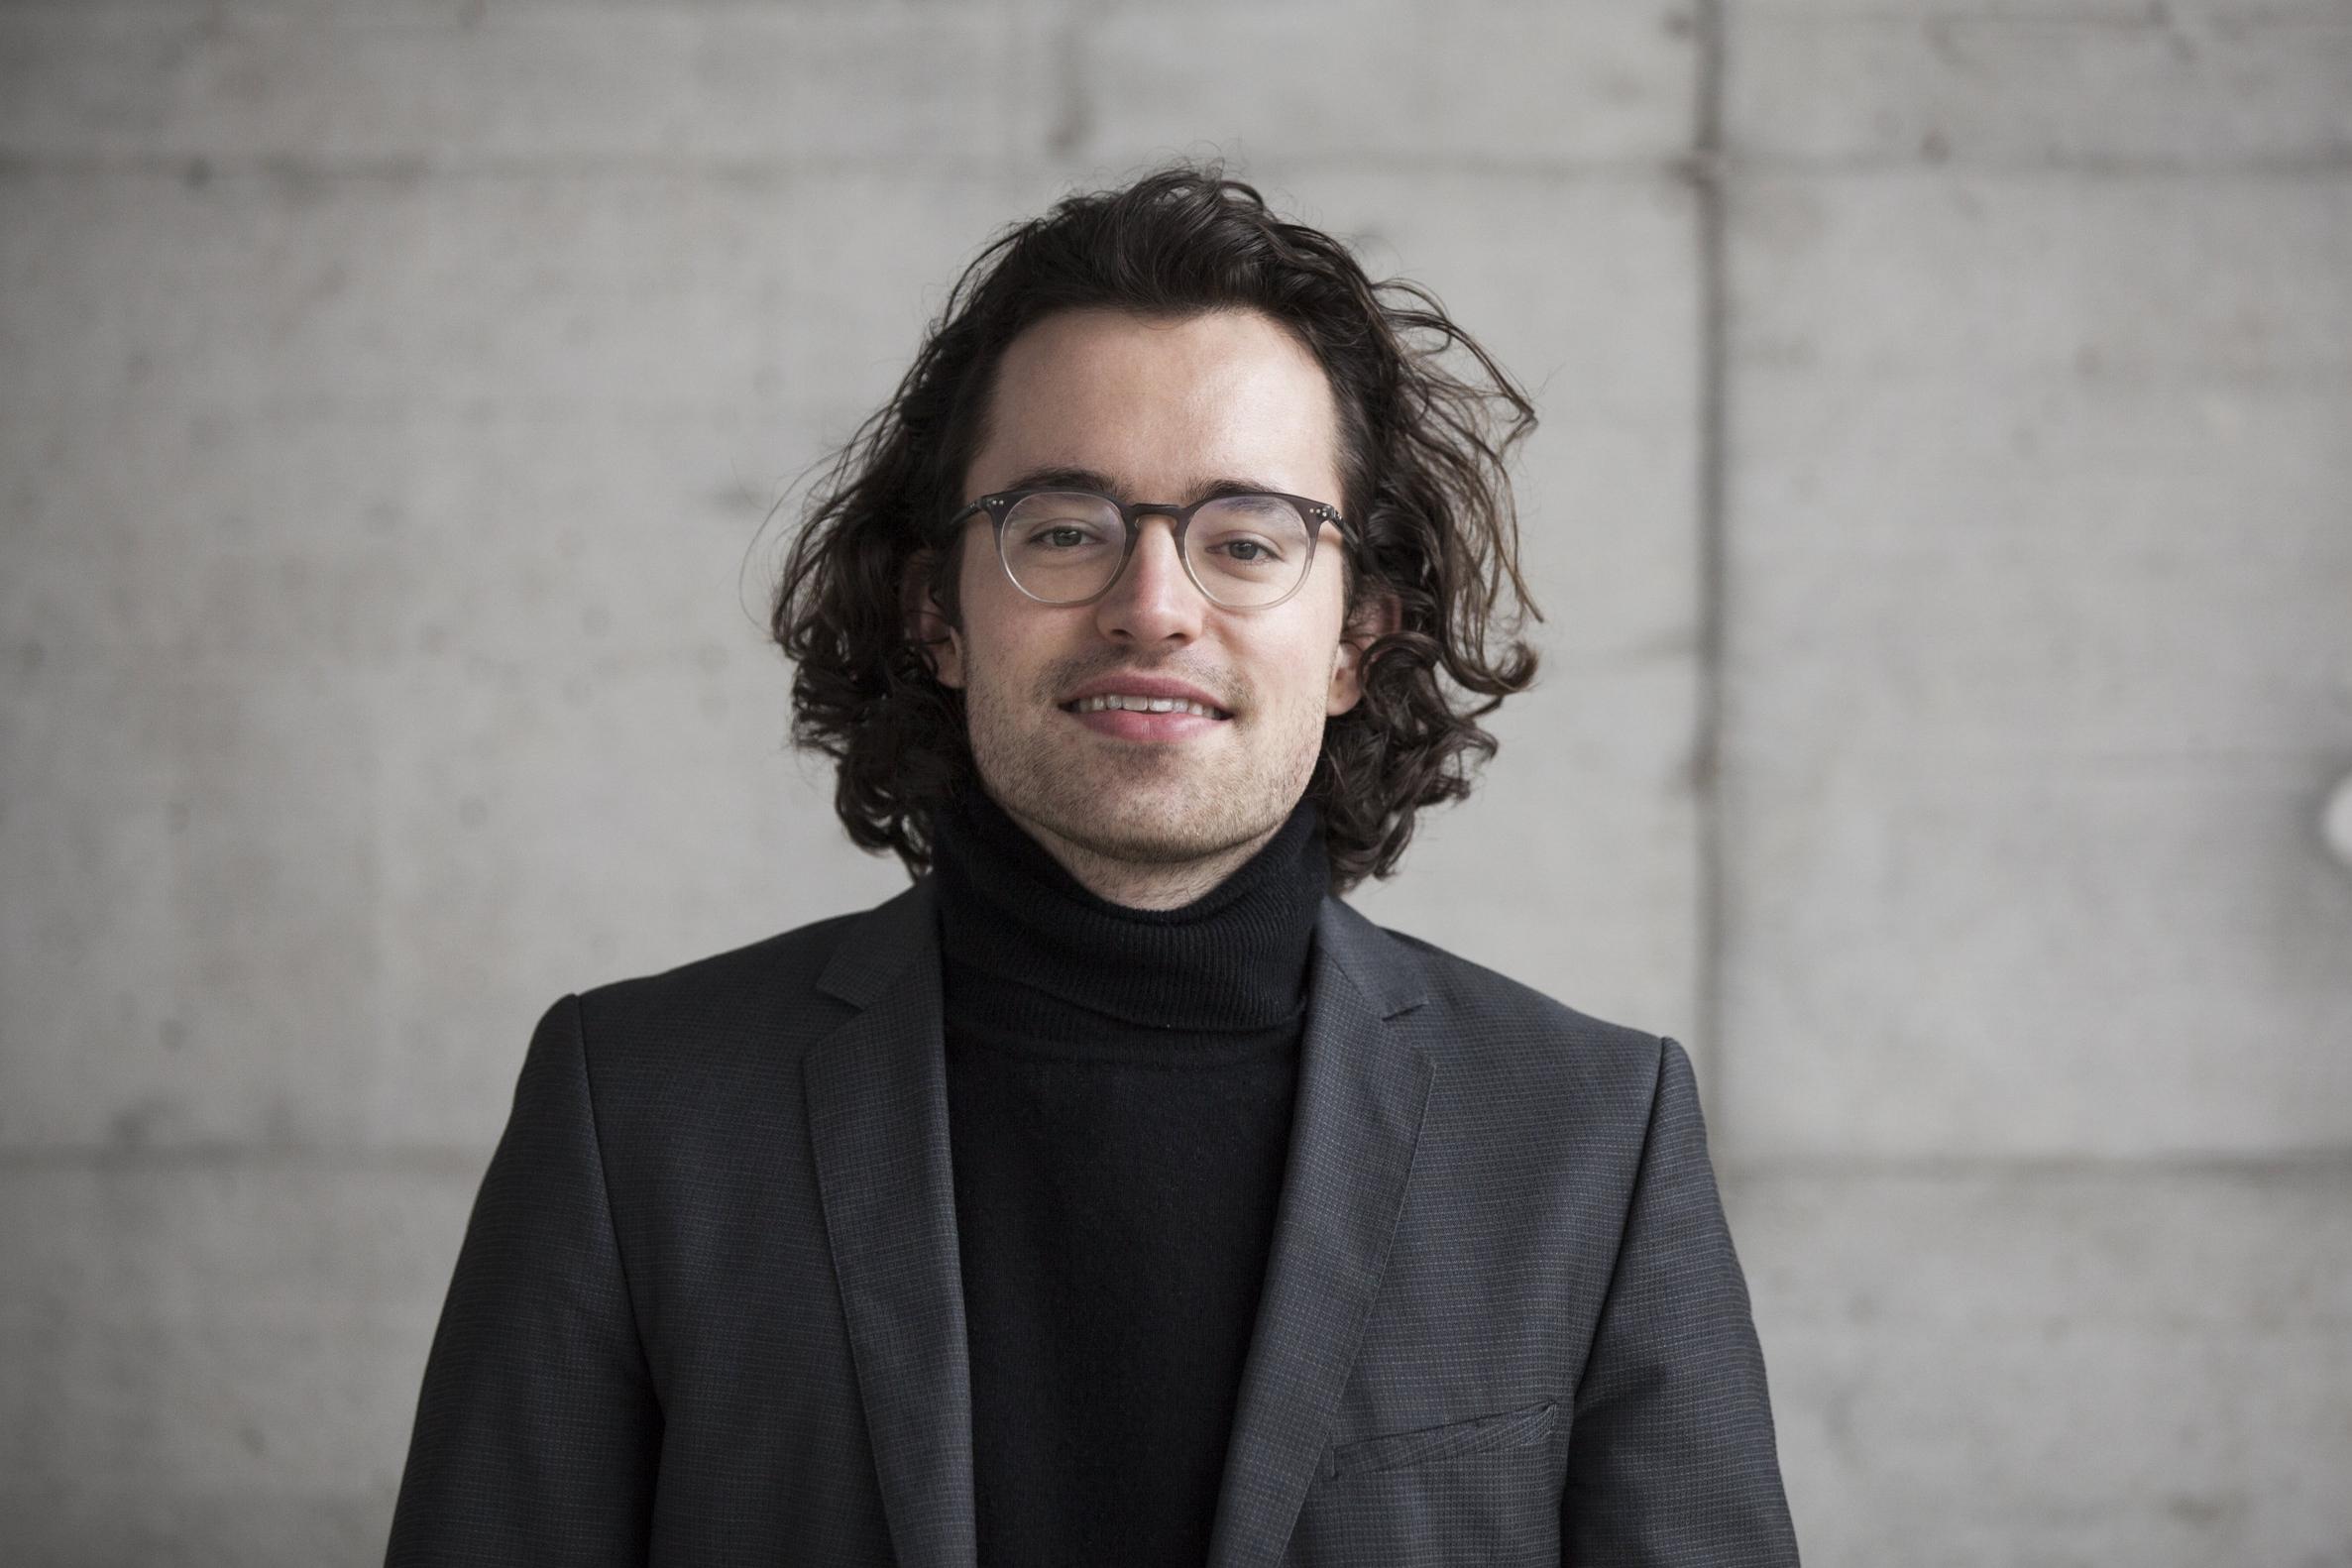 Simon Solms   MLaw, Legal Engineer   Legal Engineer bei Conventec. Vormals Gerichtsschreiberpraktikant am schweizerischen Bundesverwaltungsgericht und Substitut bei einer führenden Schweizer Wirtschaftskanzlei.   Mail   LinkedIn